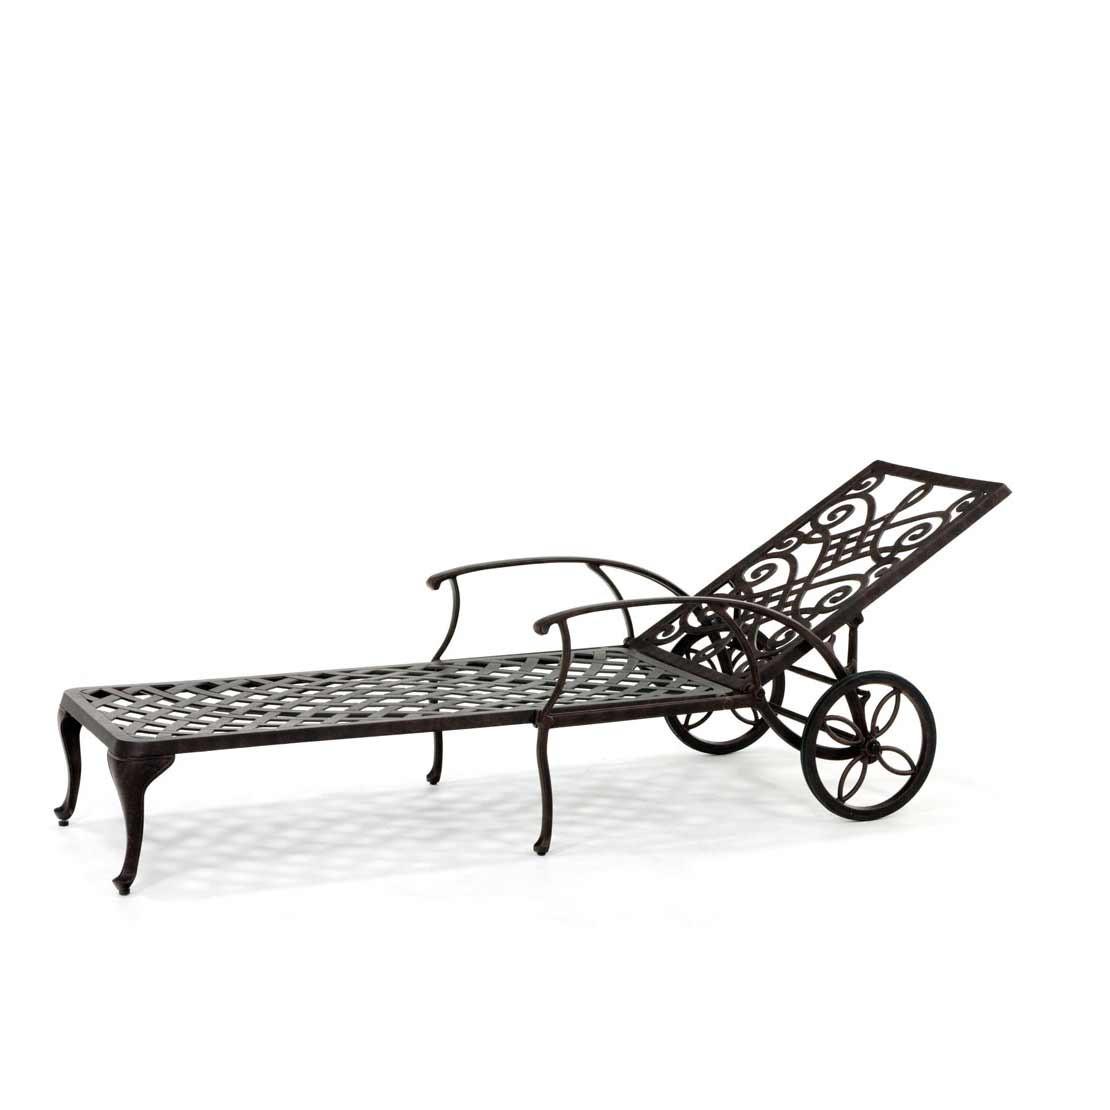 Pavia bronze Gartenliege mit Rad